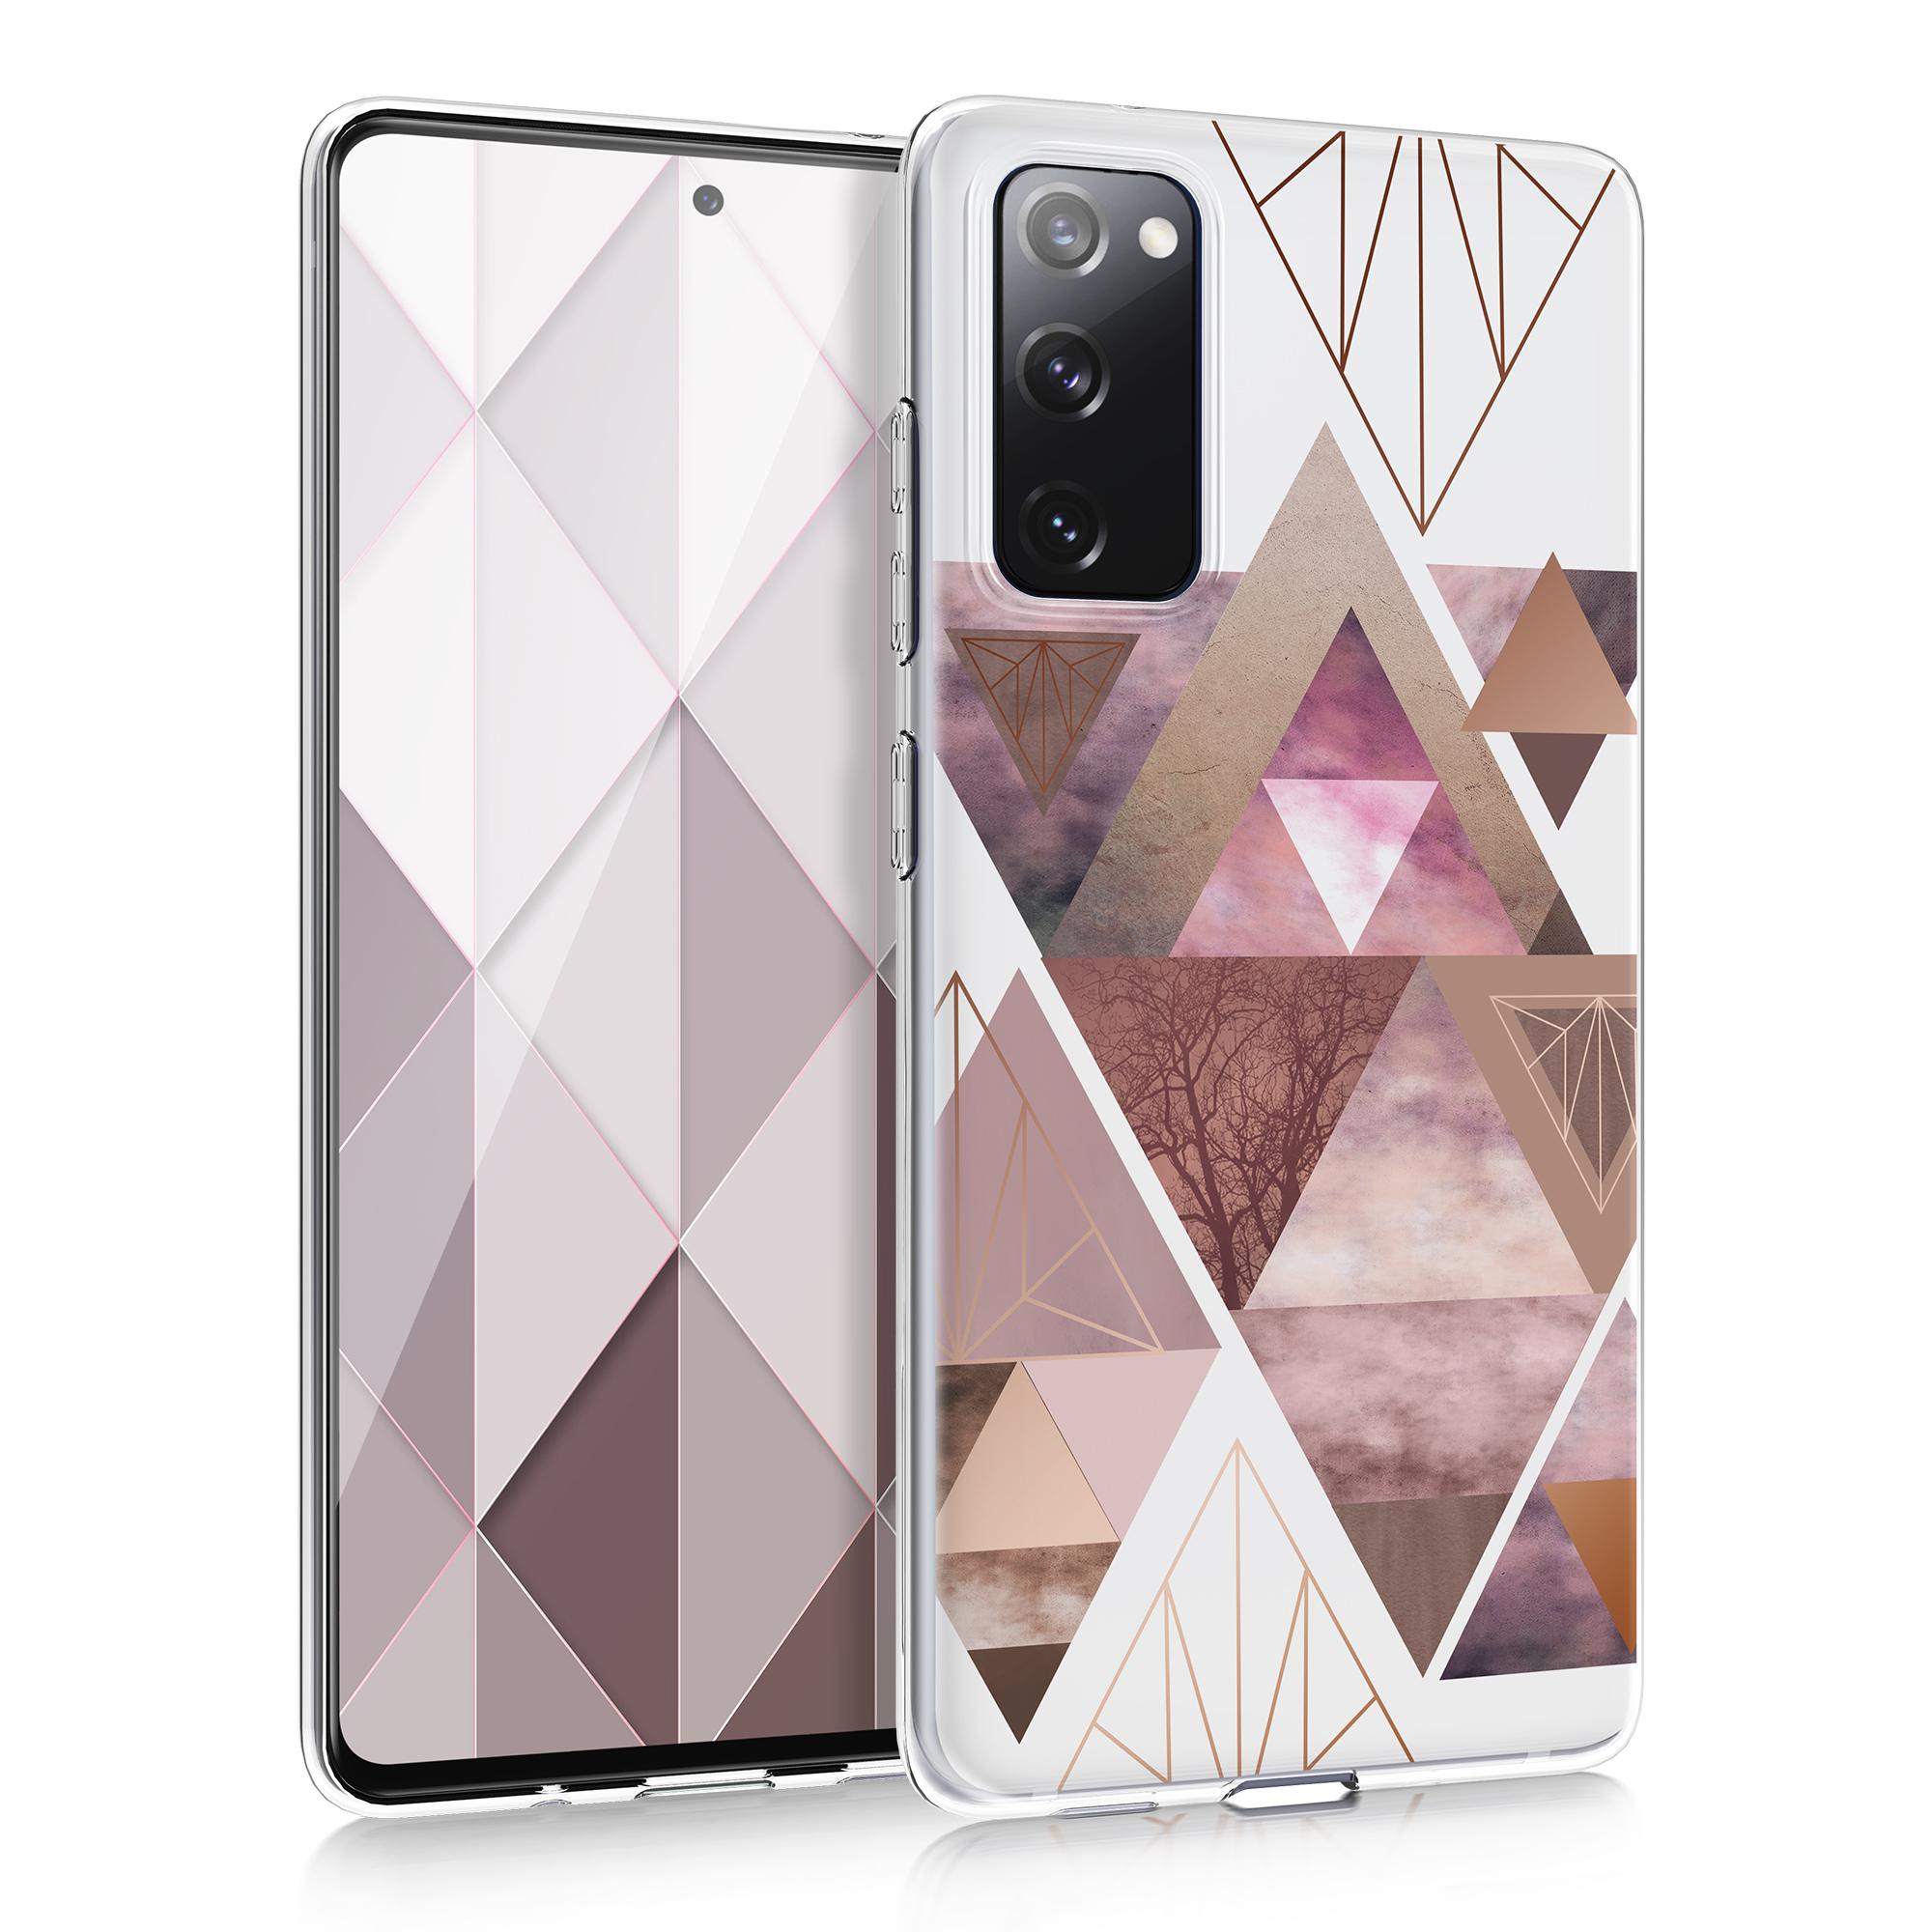 Růžové siikonové pouzdro / obal pro Samsung S20 FE s motivem trojúhelníků